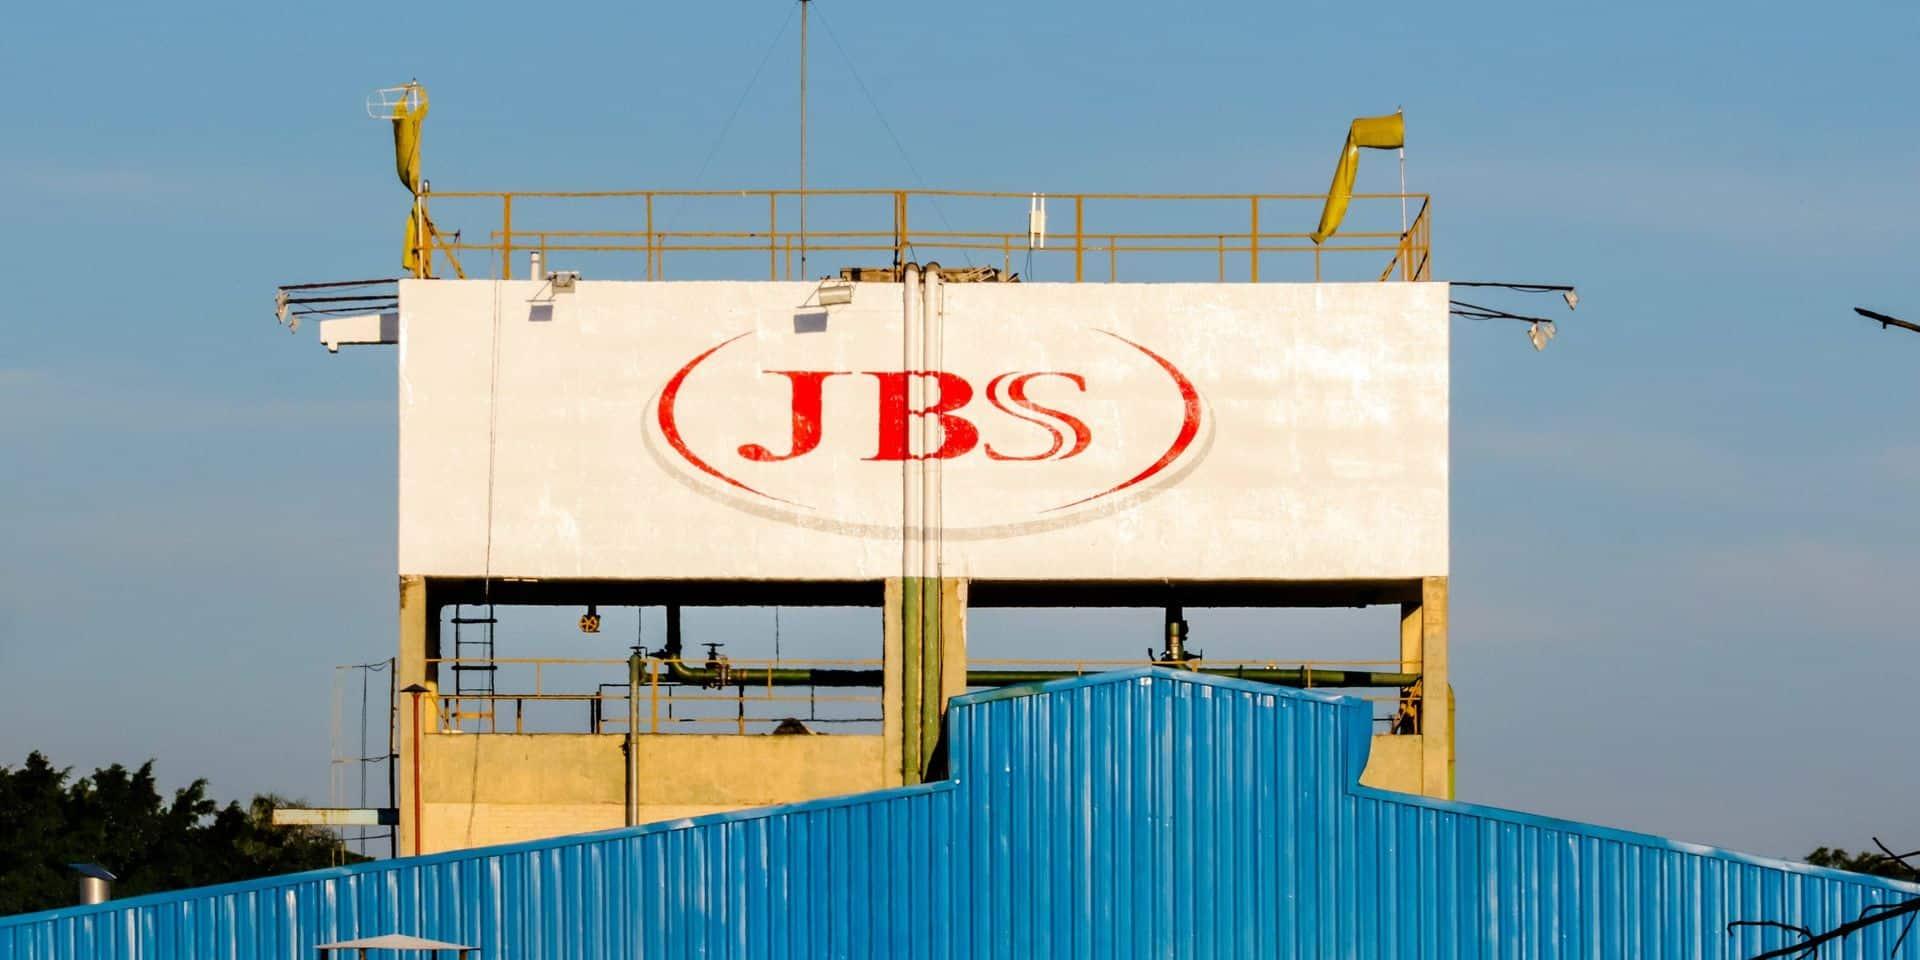 Le géant de l'agroalimentaire JBS victime d'une cyberattaque